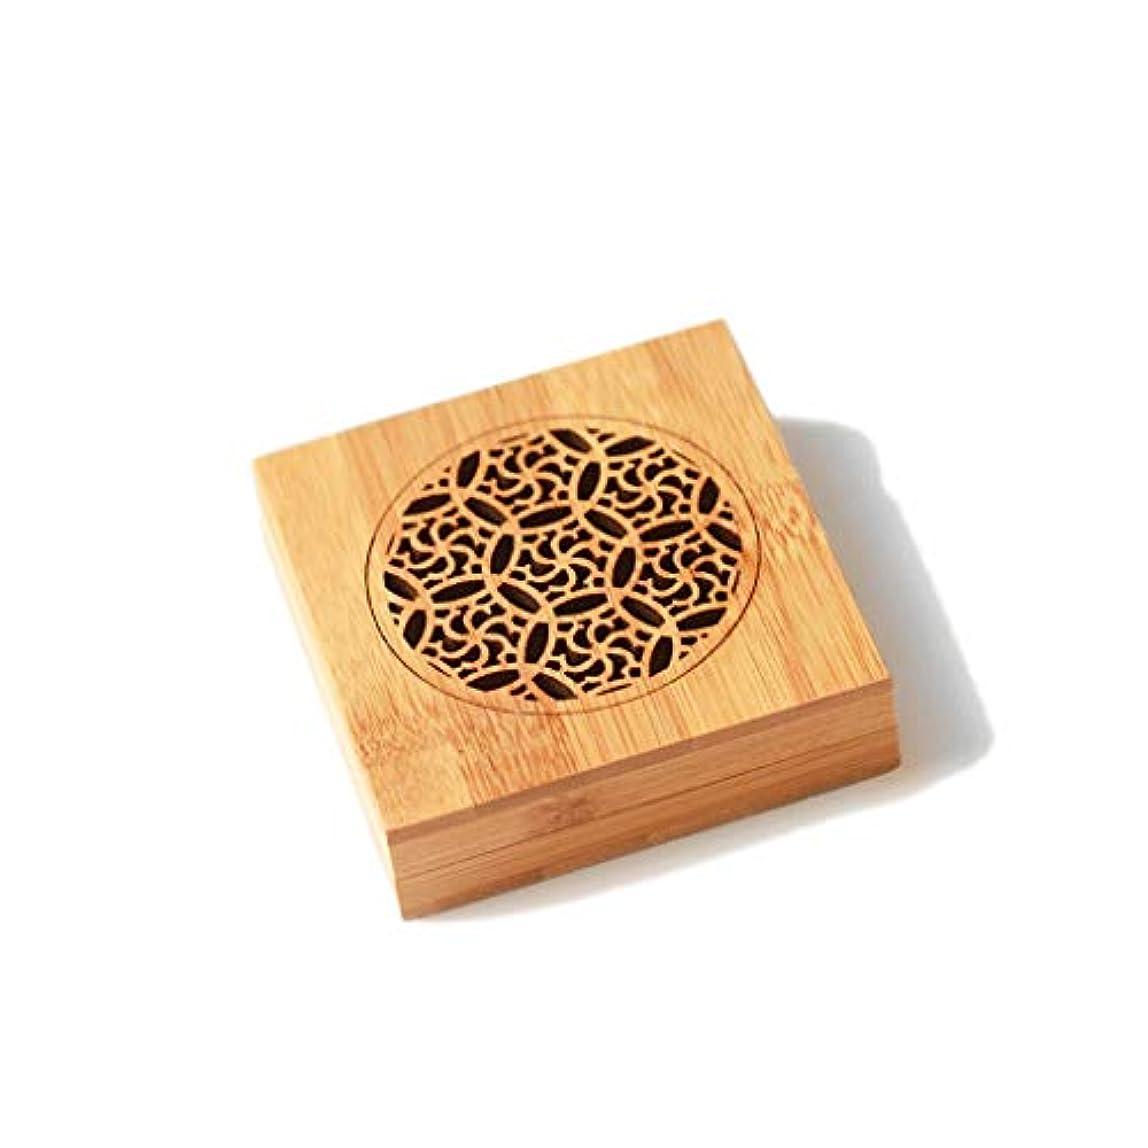 つばボットどんなときも竹の香バーナーコイルの香バーナー部屋の装飾瞑想竹の香り天然素材香ホルダー 芳香器?アロマバーナー (Color : WOOD, サイズ : Square)